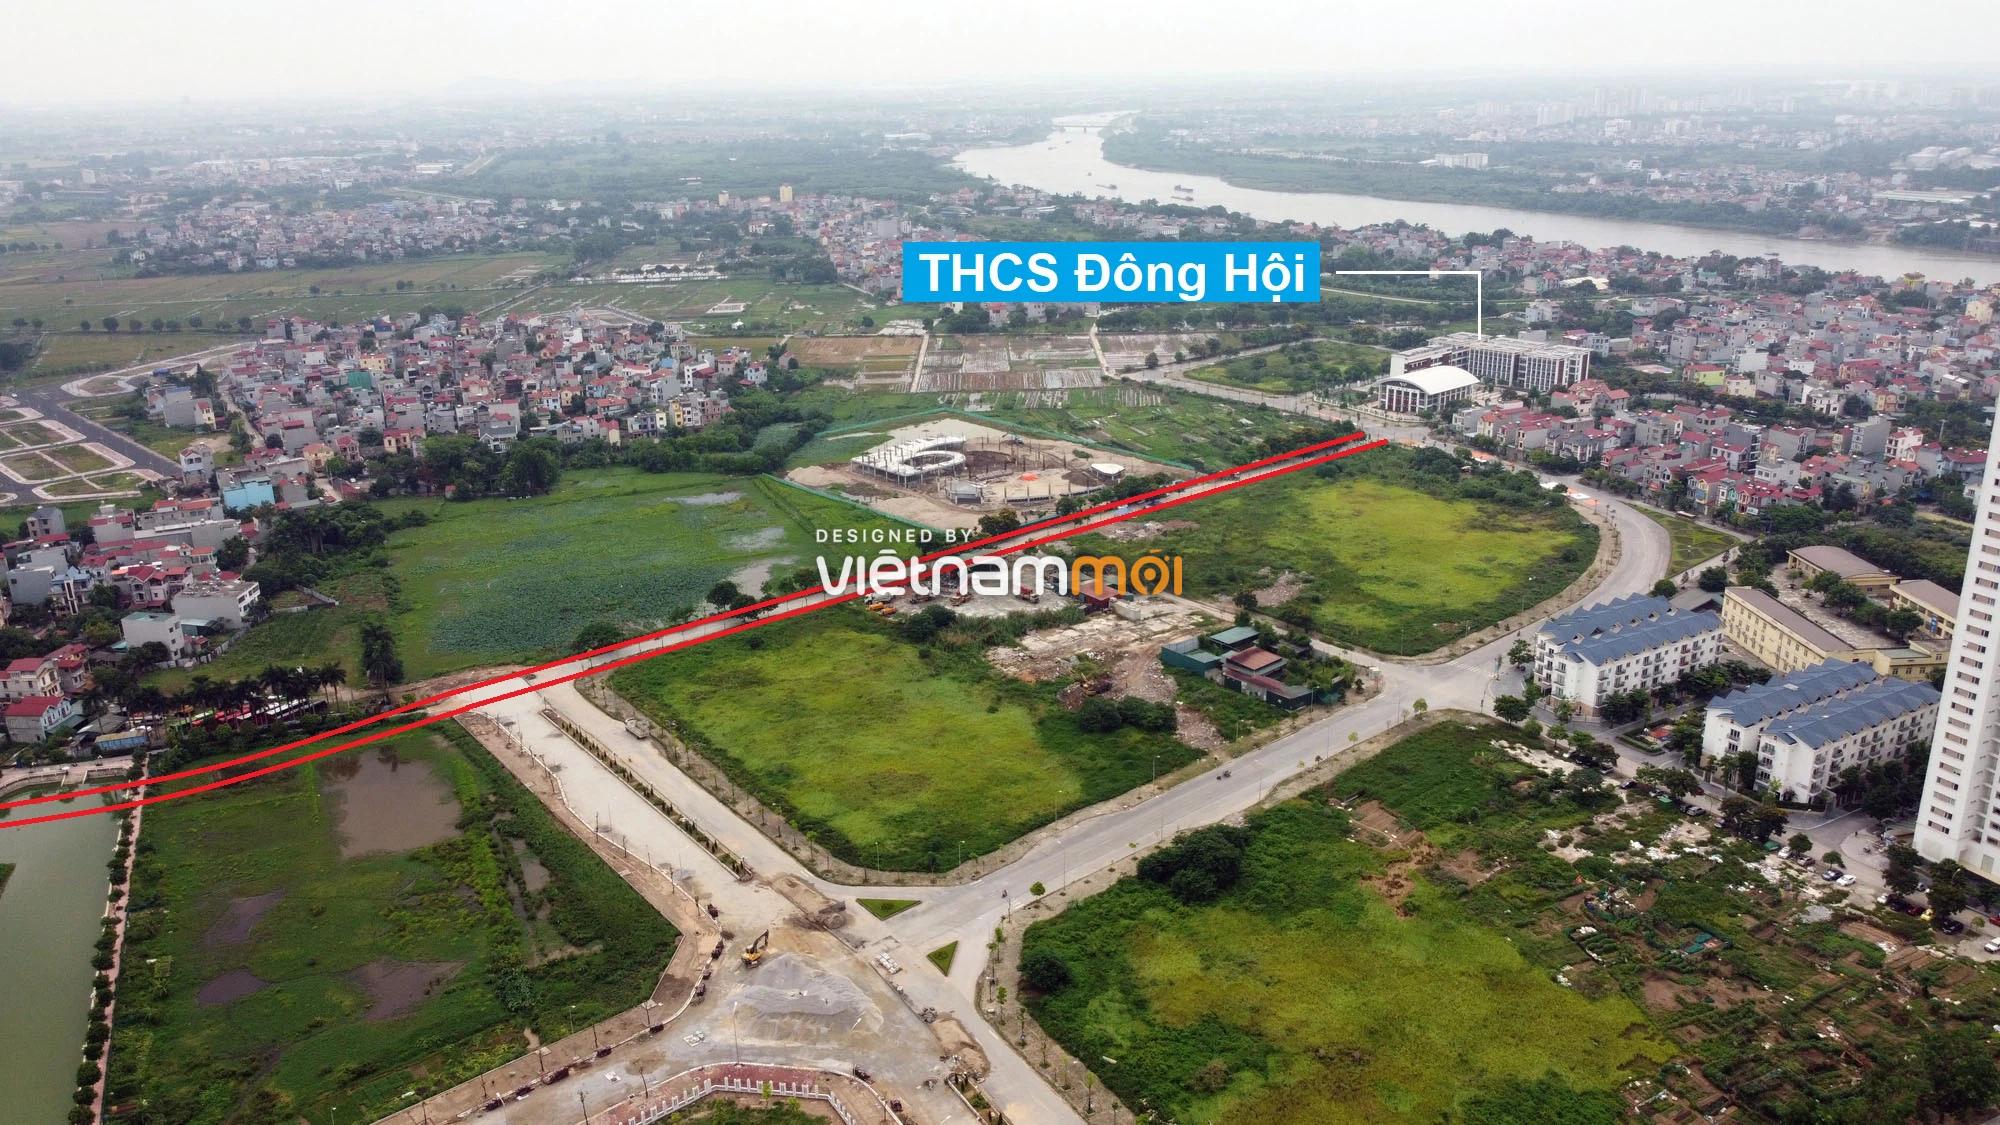 Đường sẽ mở theo quy hoạch ở xã Đông Hội, Đông Anh, Hà Nội (phần 2) - Ảnh 9.